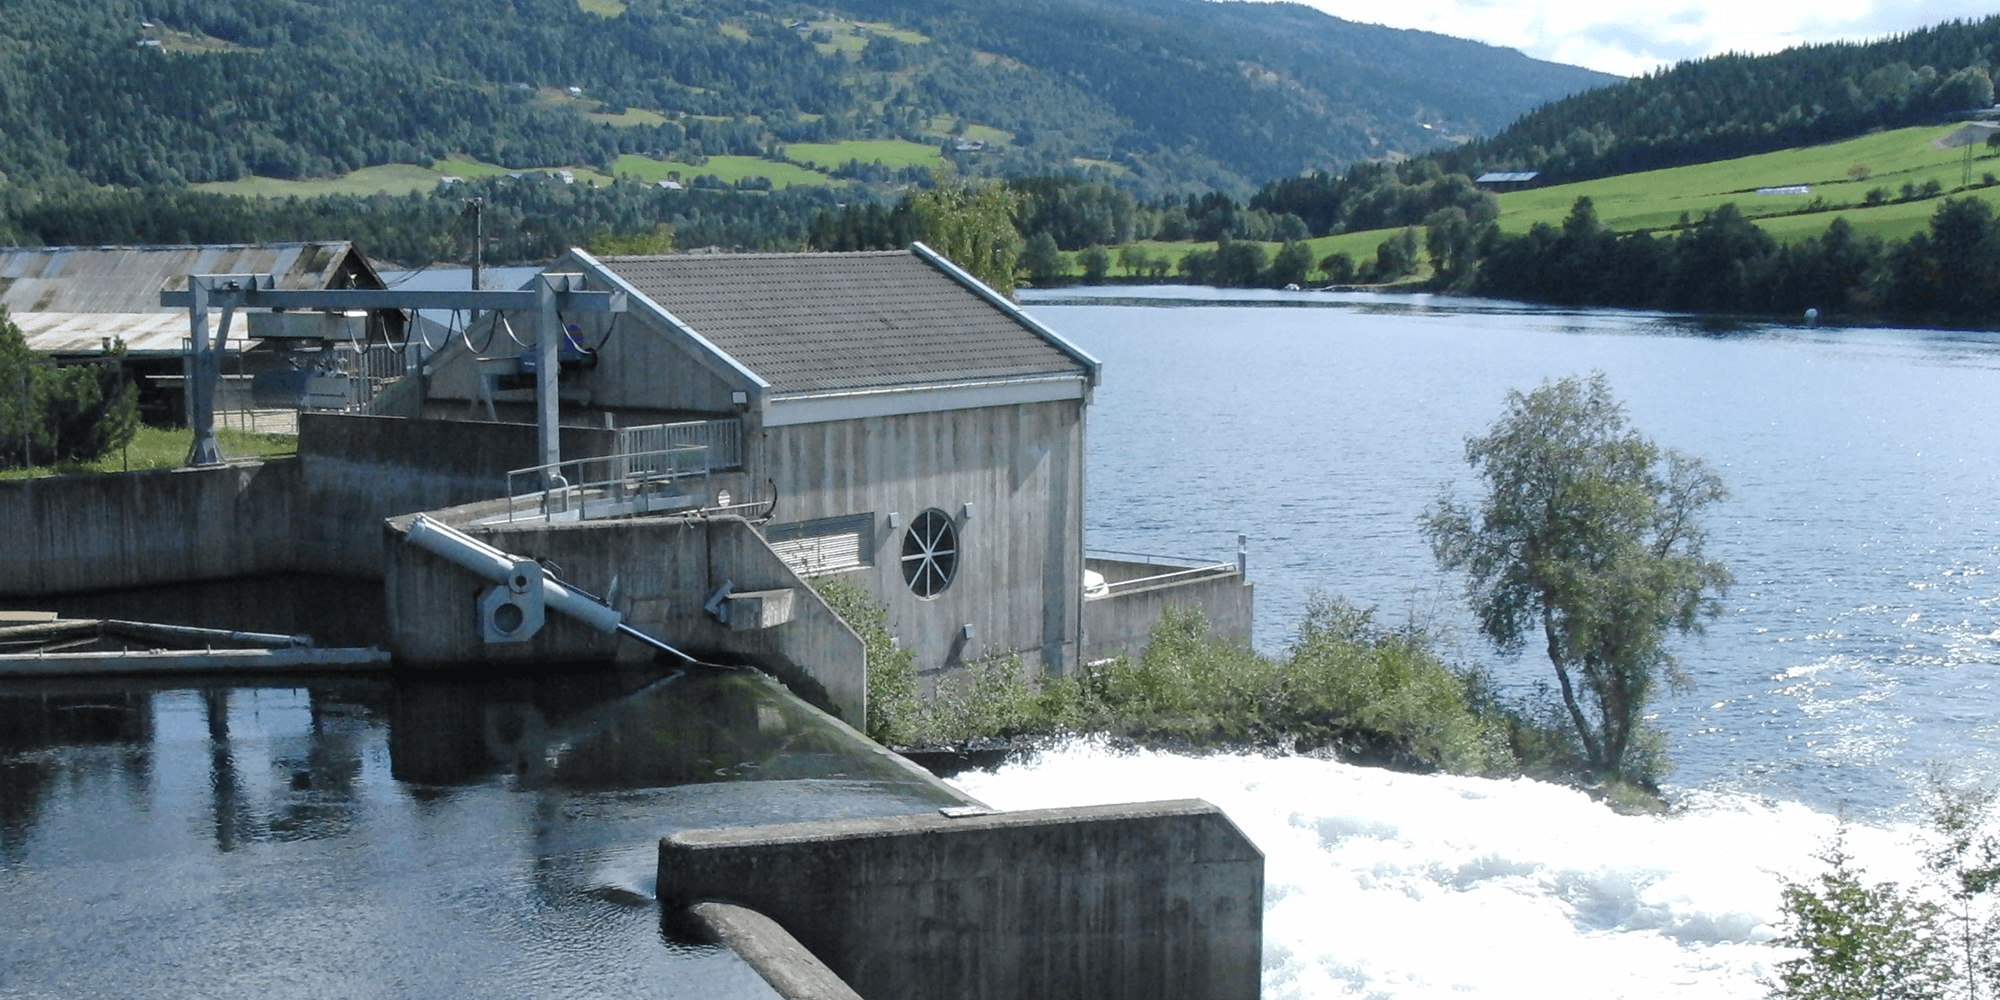 Bilde av et elvekraftverk